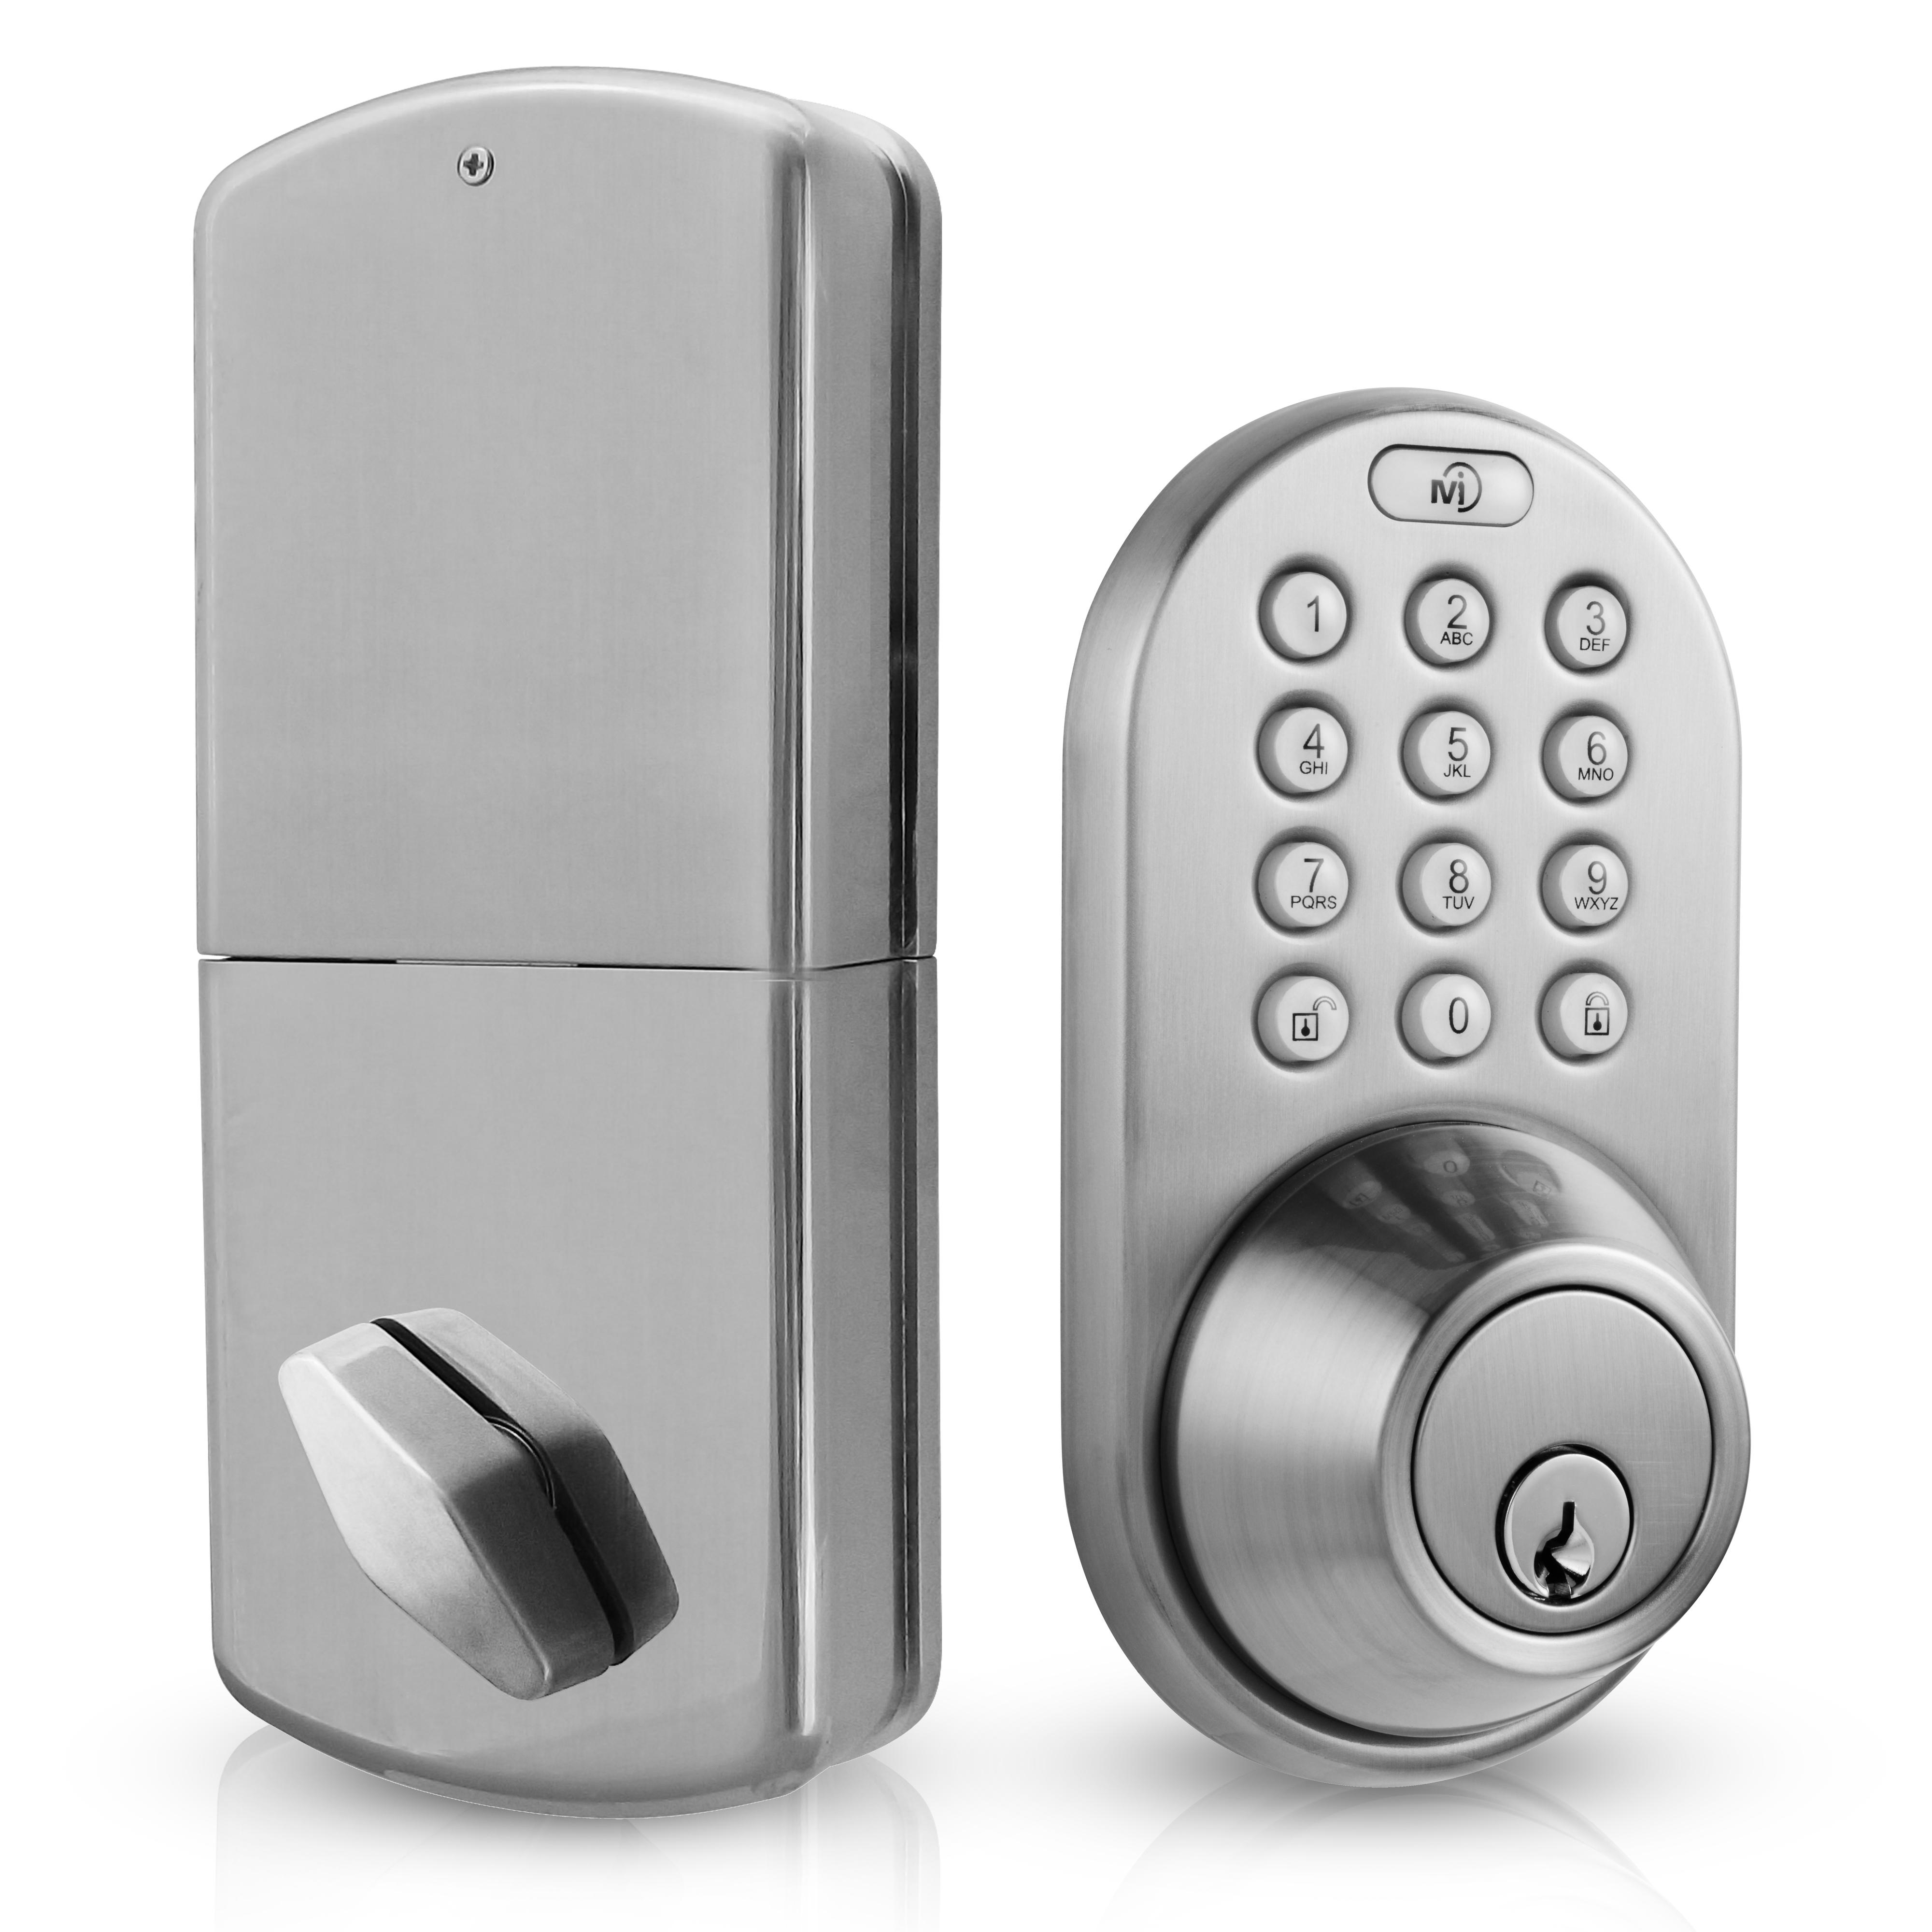 MiLocks Keyless Entry Deadbolt Door Lock